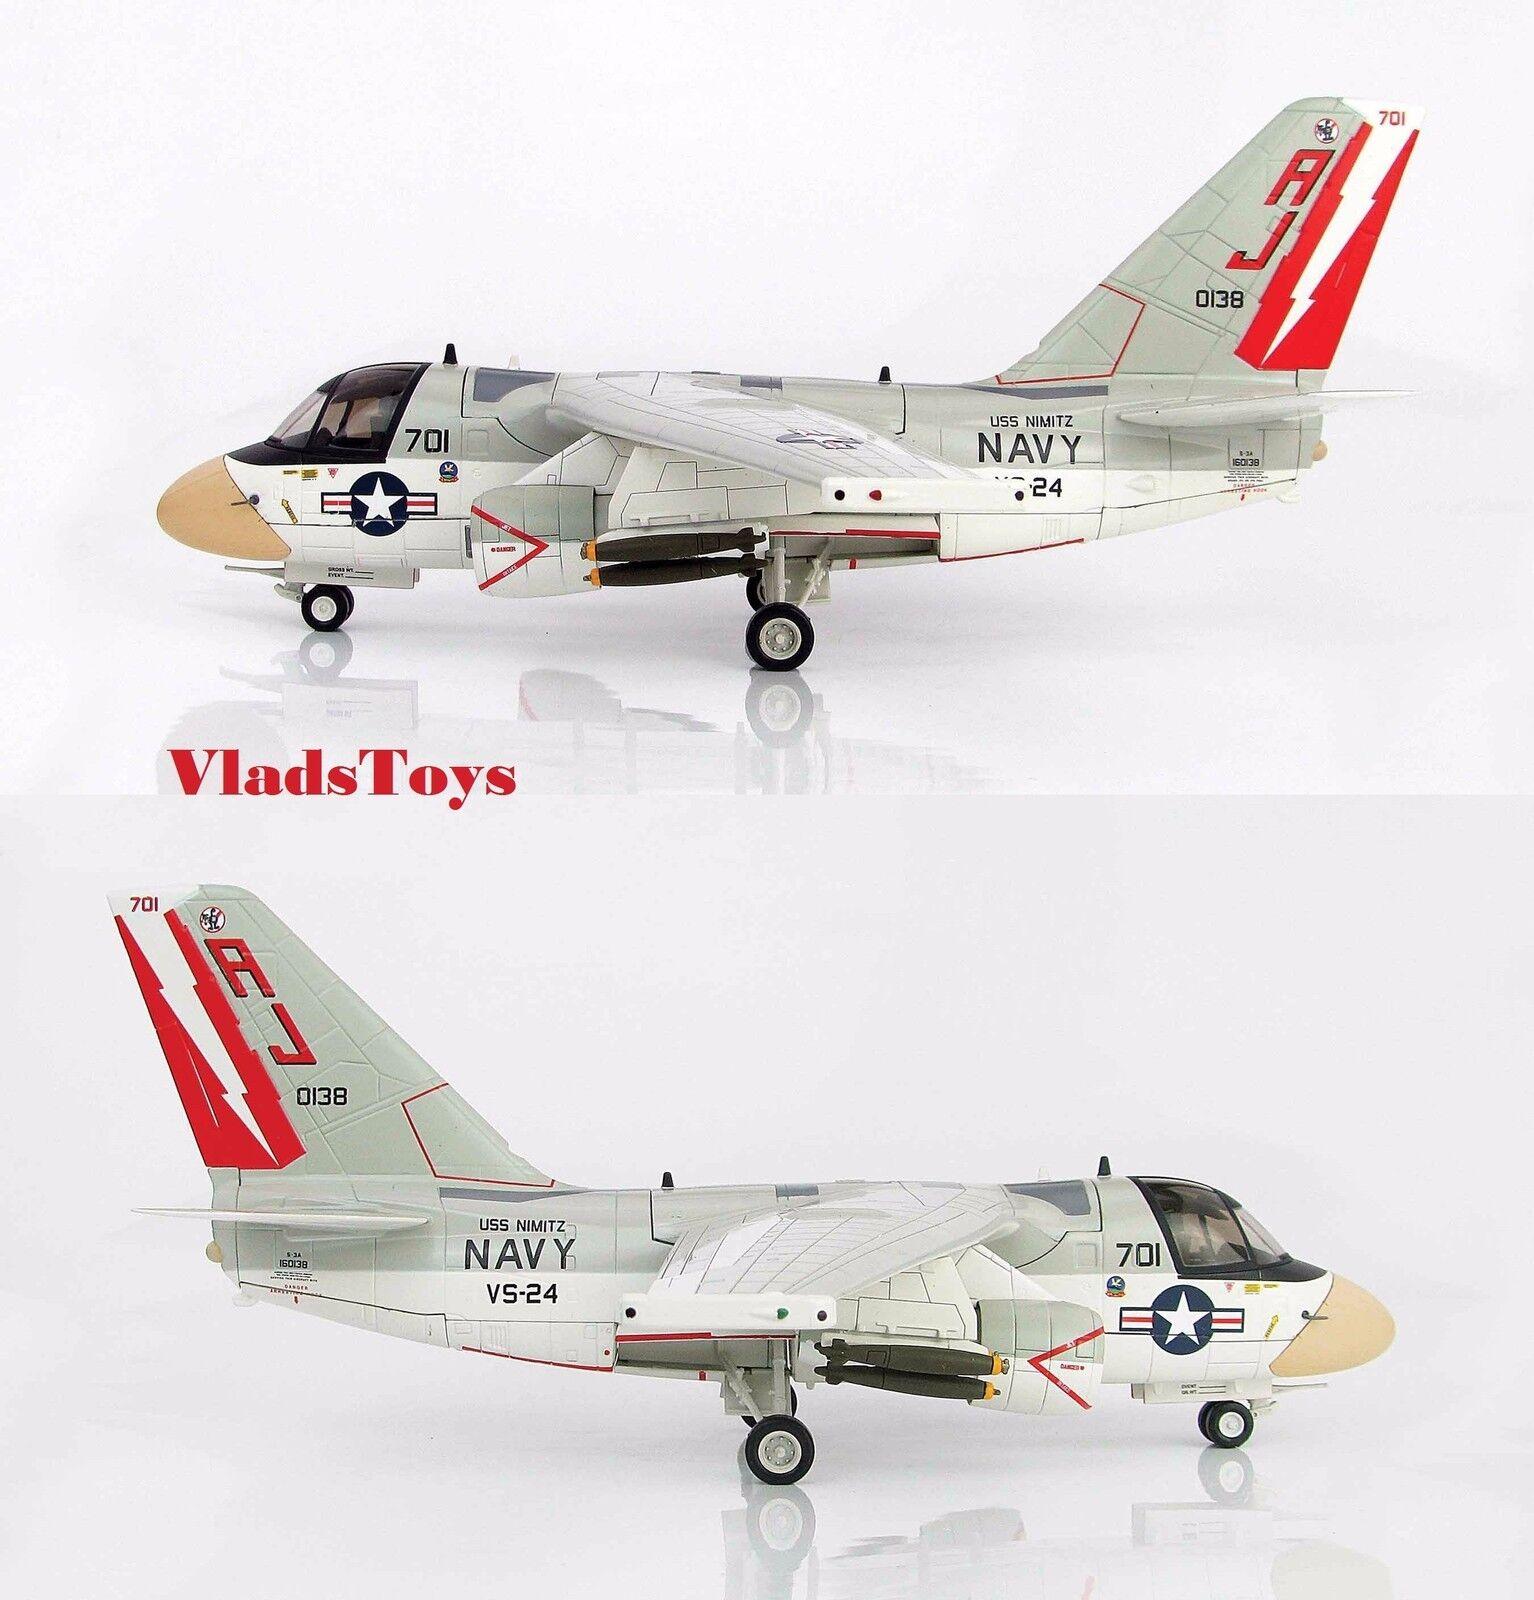 Hobby Master 1/72 Lockheed S-3A Viking Us Navy Uss Nimitz HA4906 VS-24 Scouts AJ701